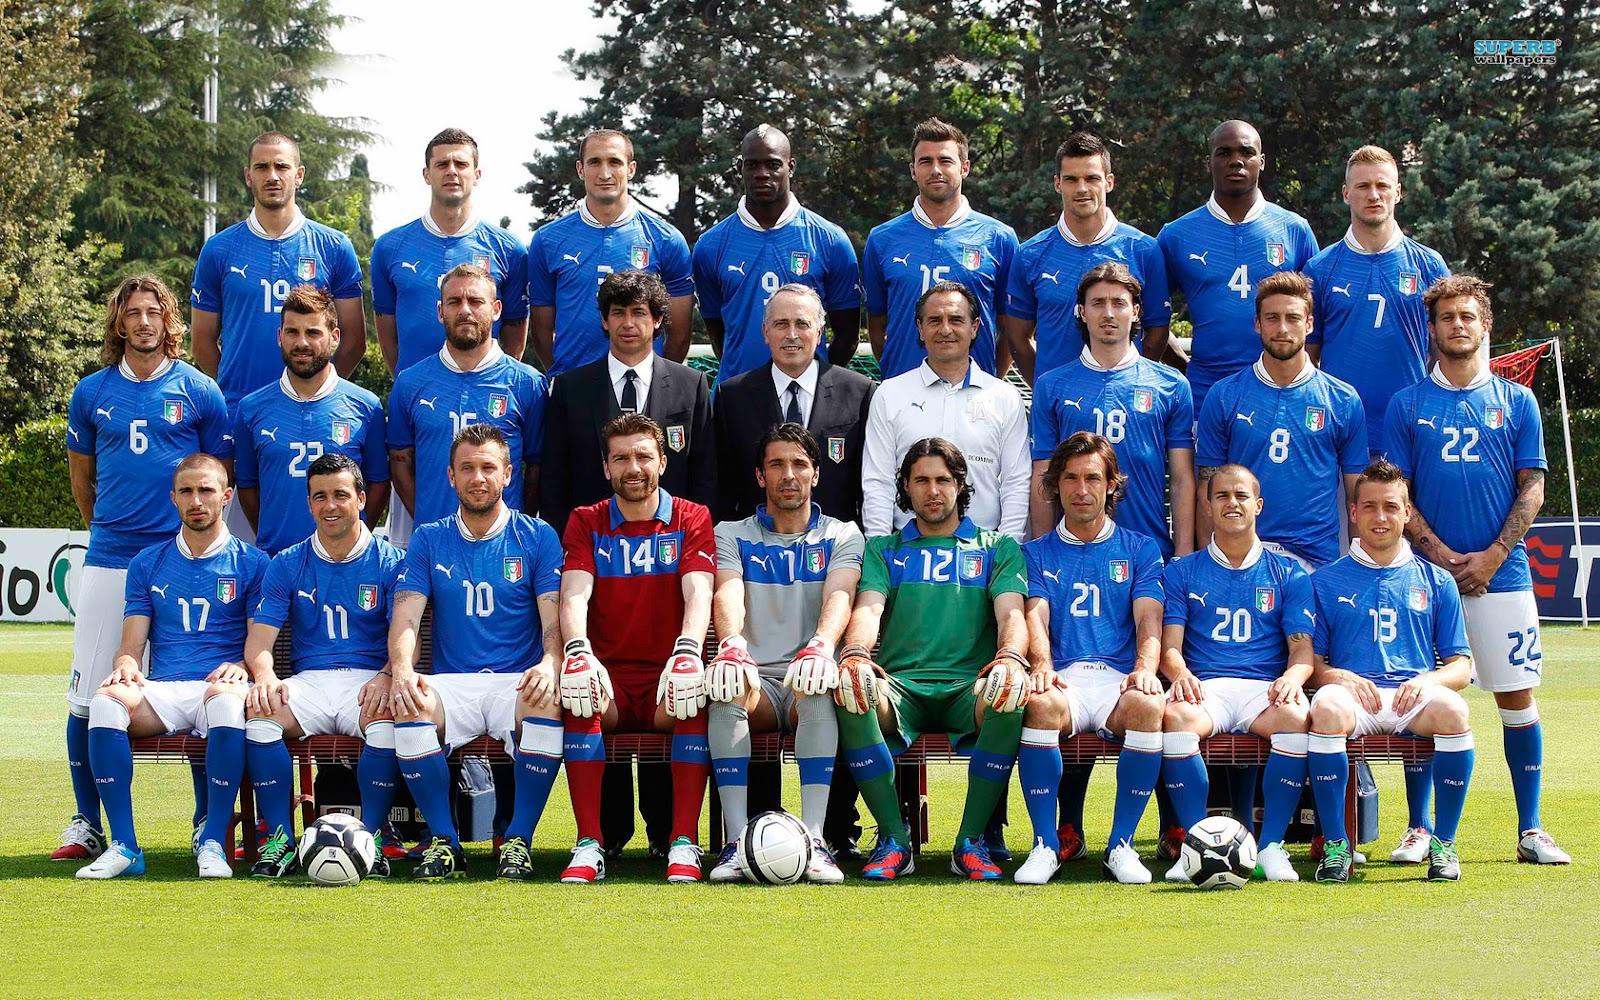 http://1.bp.blogspot.com/-3Y0zIRMwffM/T-uJs7I4UpI/AAAAAAAACVs/-j8pU1J1PC4/s1600/Italy_National_Football_Team_Euro_2012_HD_Wallpaper-HidefWall.Blogspot.Com.jpg